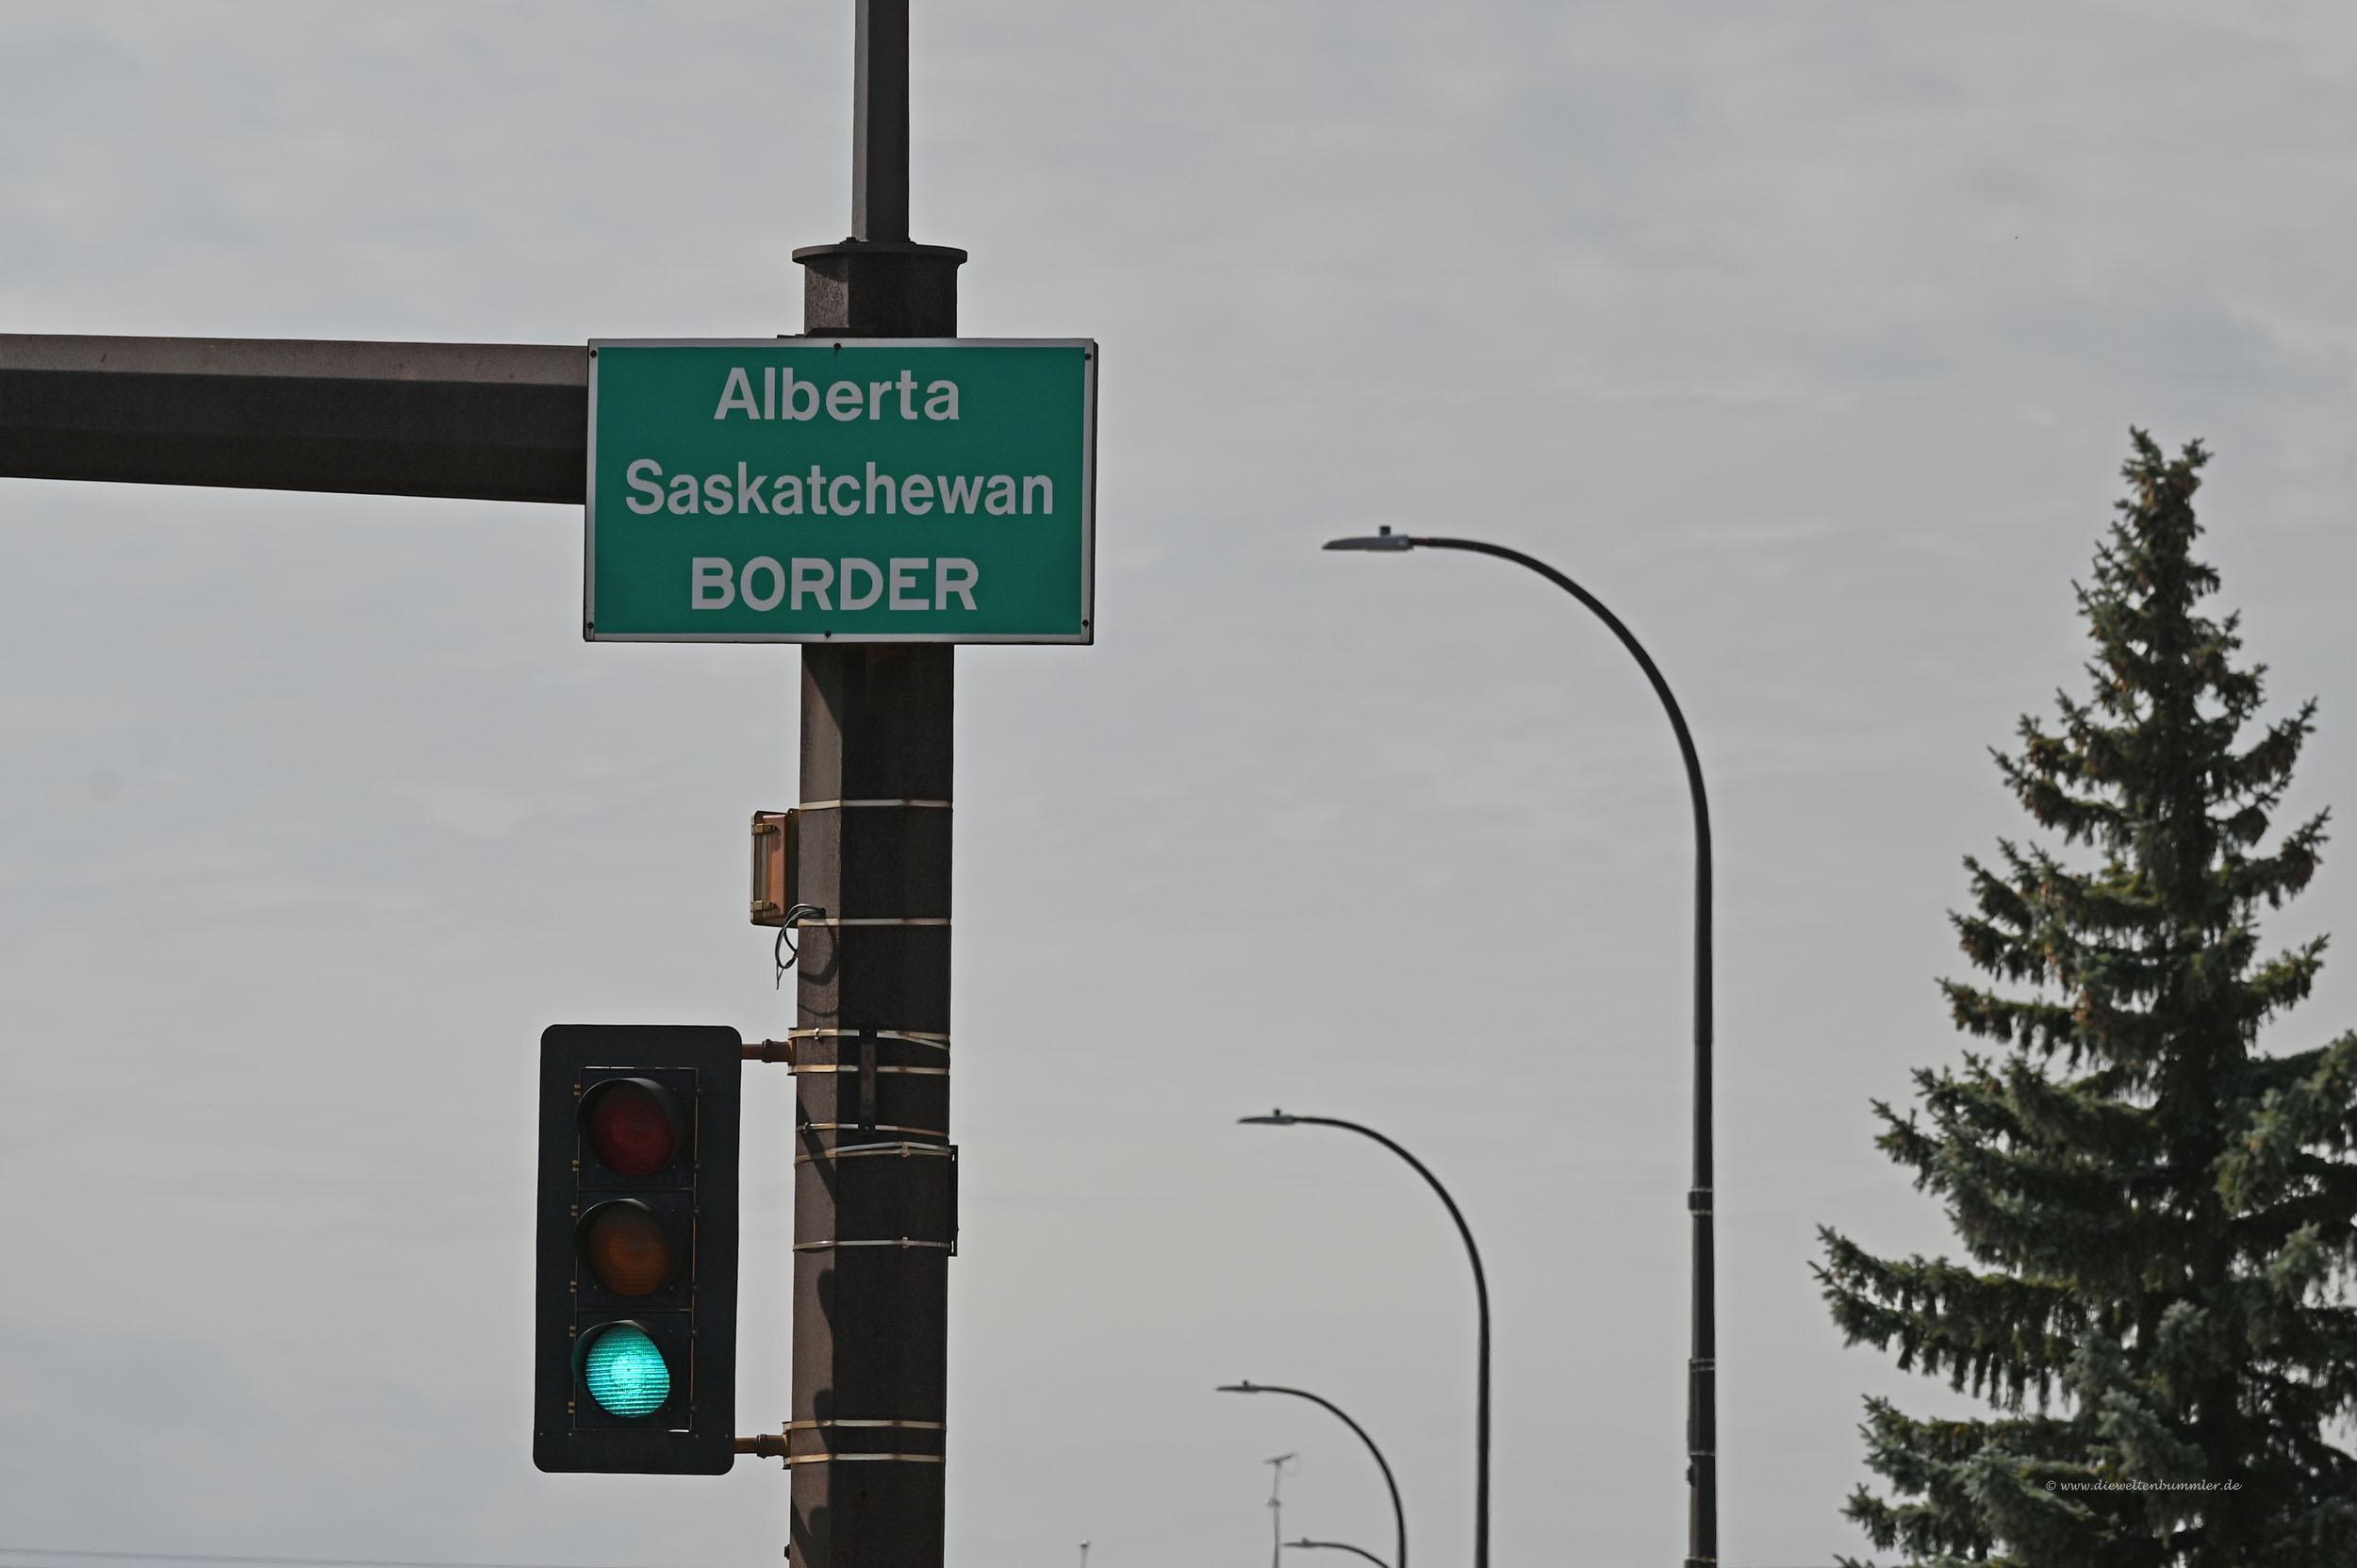 Grenze nach Alberta